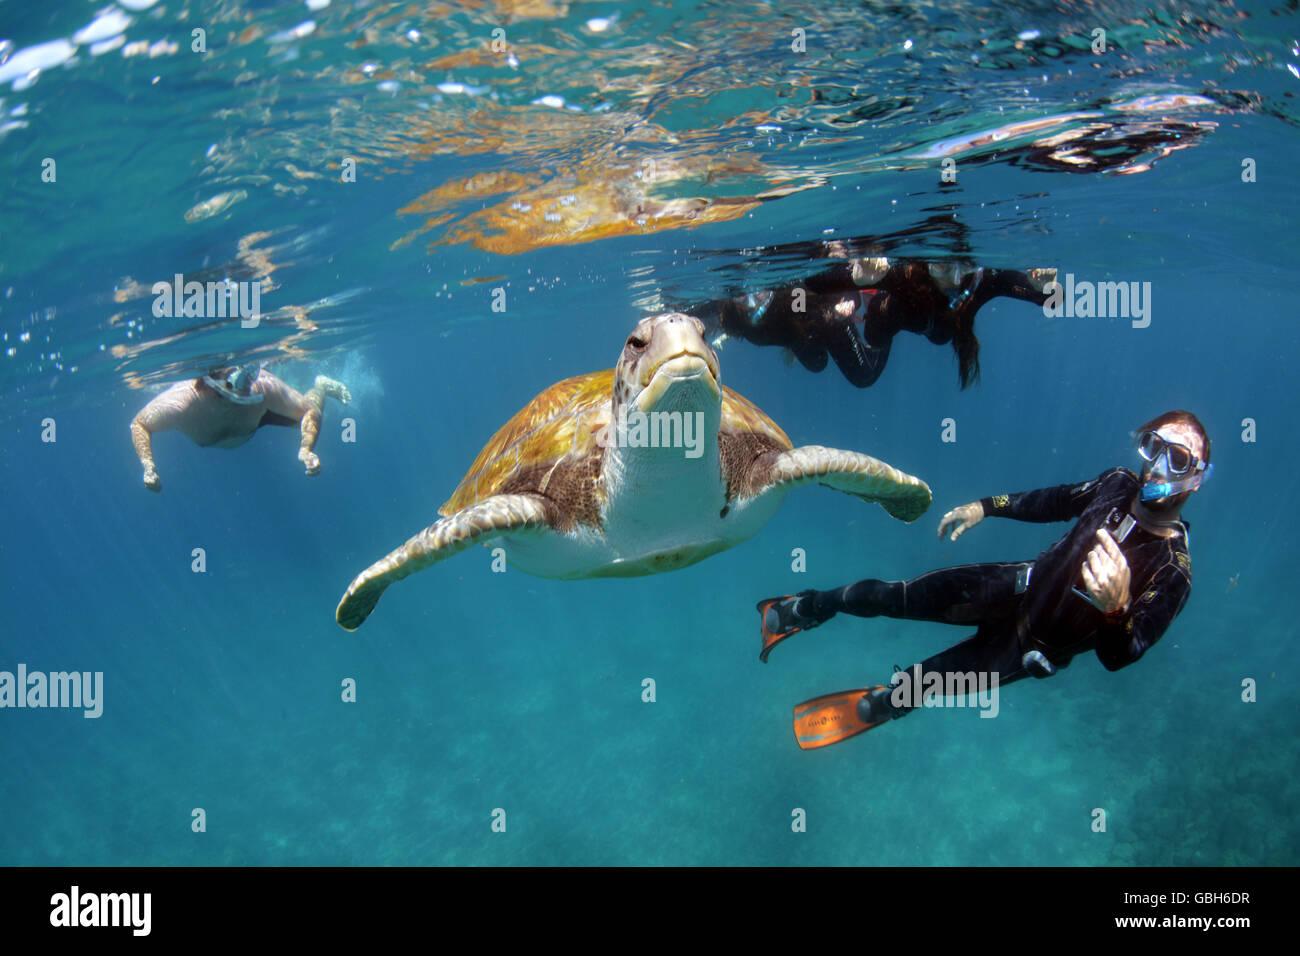 Schnorcheln mit grünen Meeresschildkröten in Teneriffa, Kanarische Inseln Stockbild